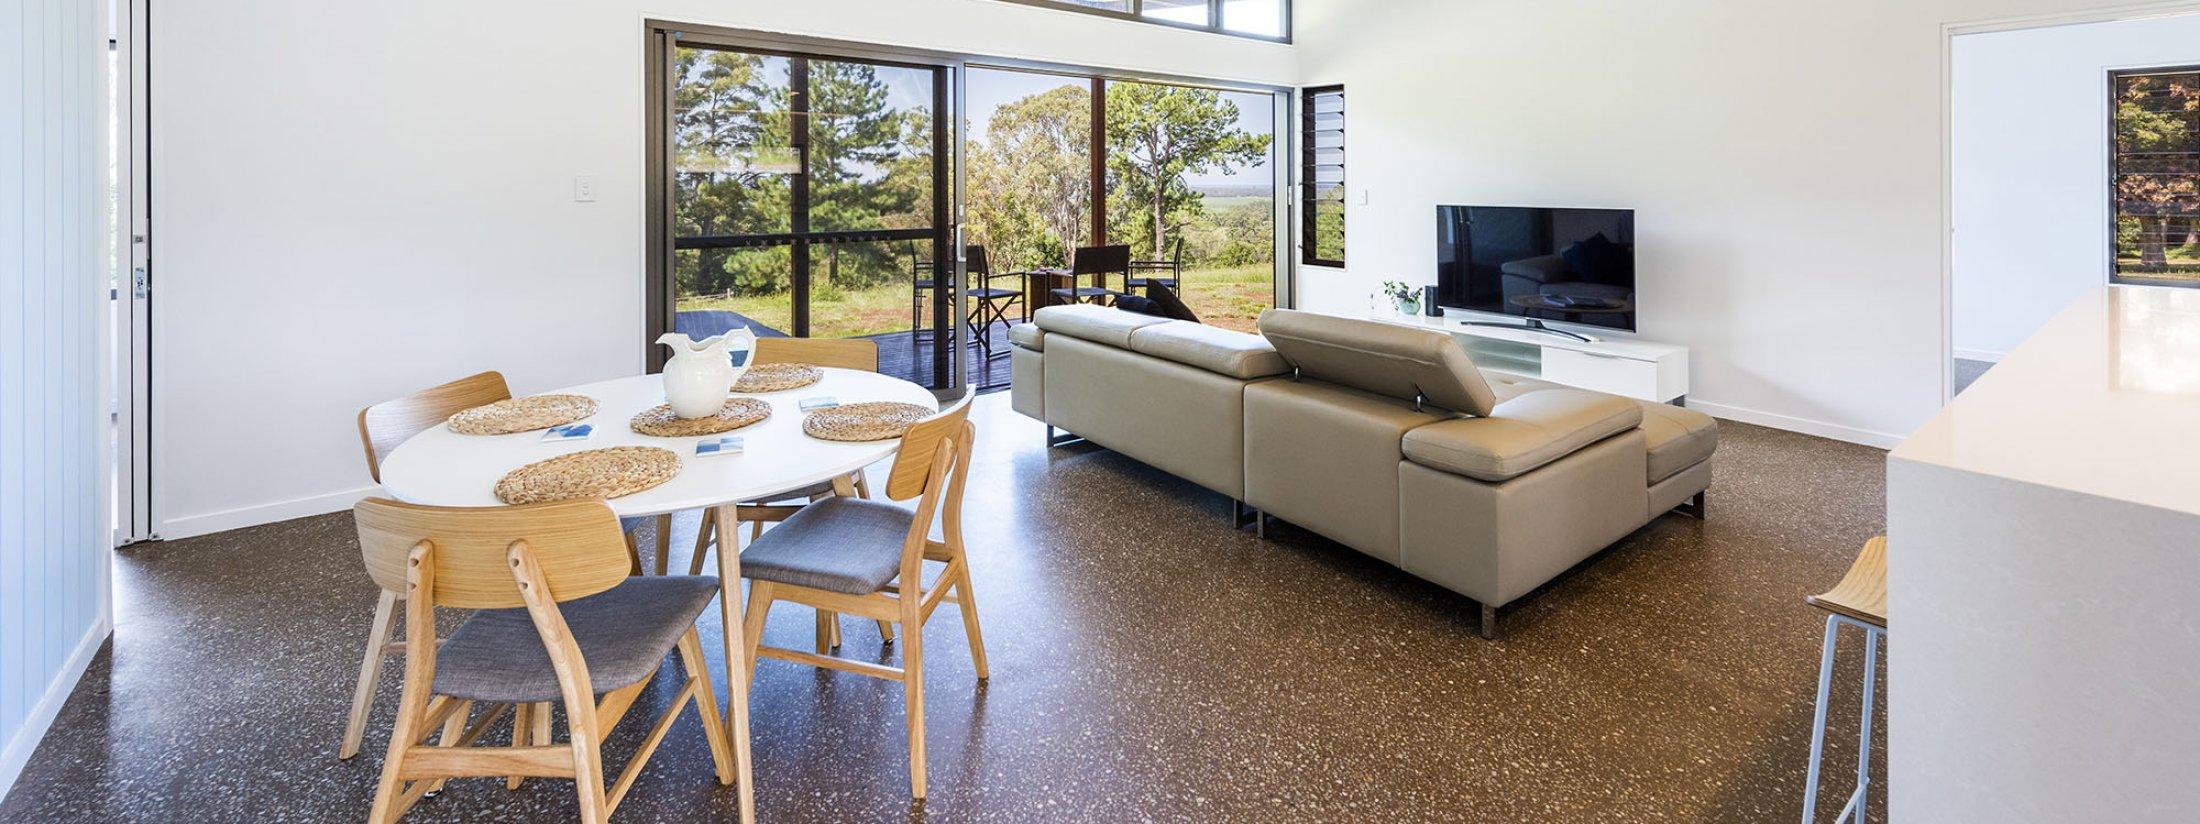 Toad Hall Cottage - Lennox Head - Living Room